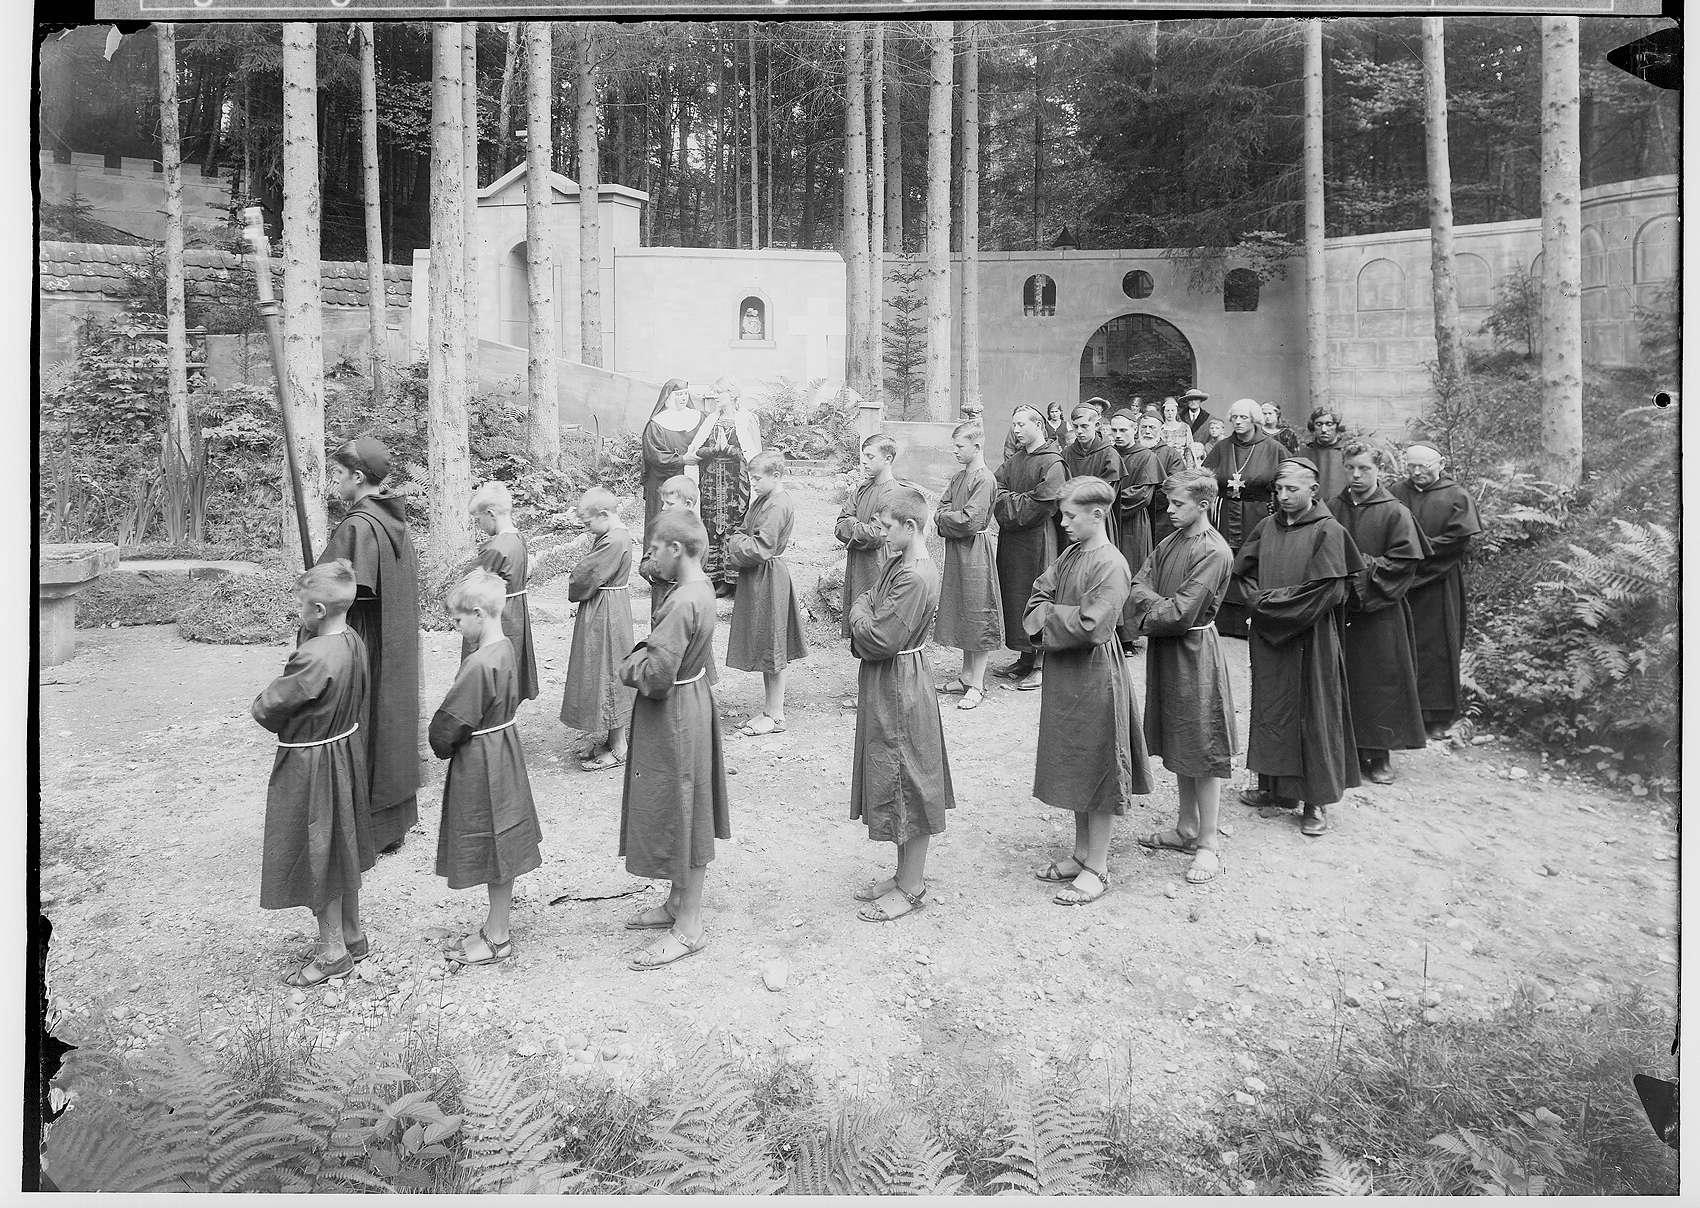 Waldbühne Sigmaringendorf - Ekkehard (Franz Kaim); Szenenbild, Bild 1